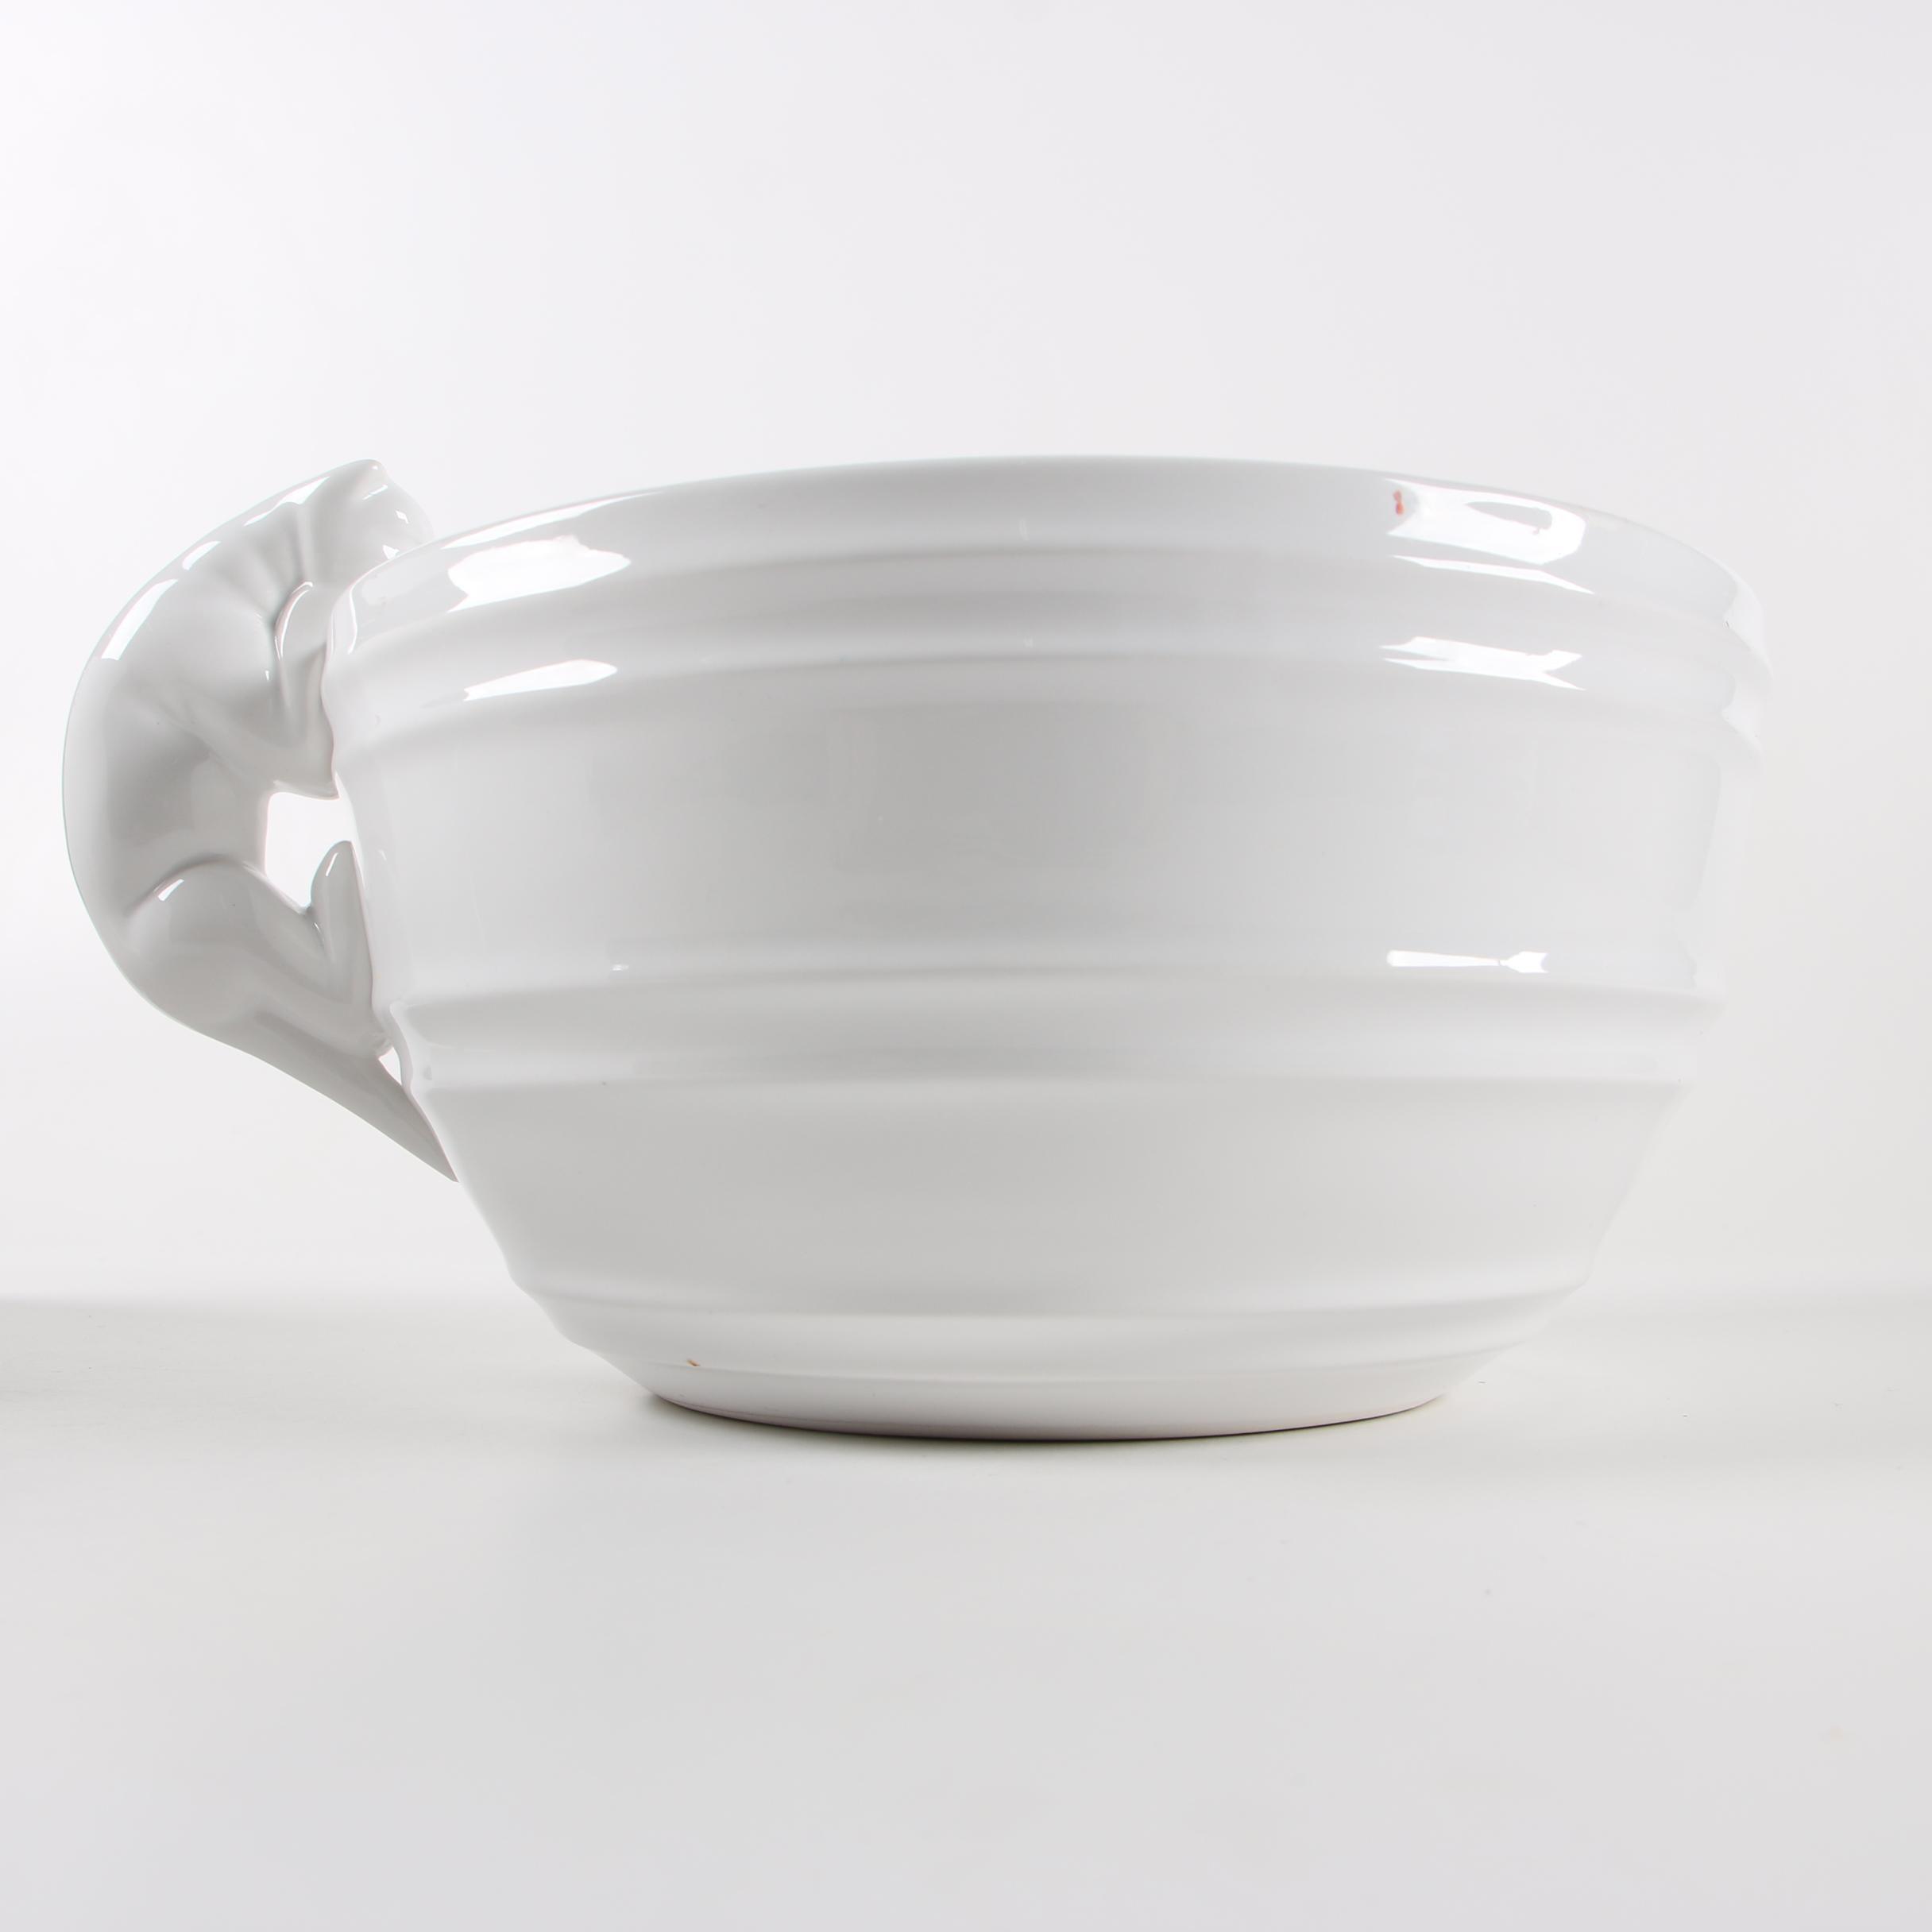 Williams-Sonoma Italian Ceramic Mixing Bowl with Figural Cat Handle